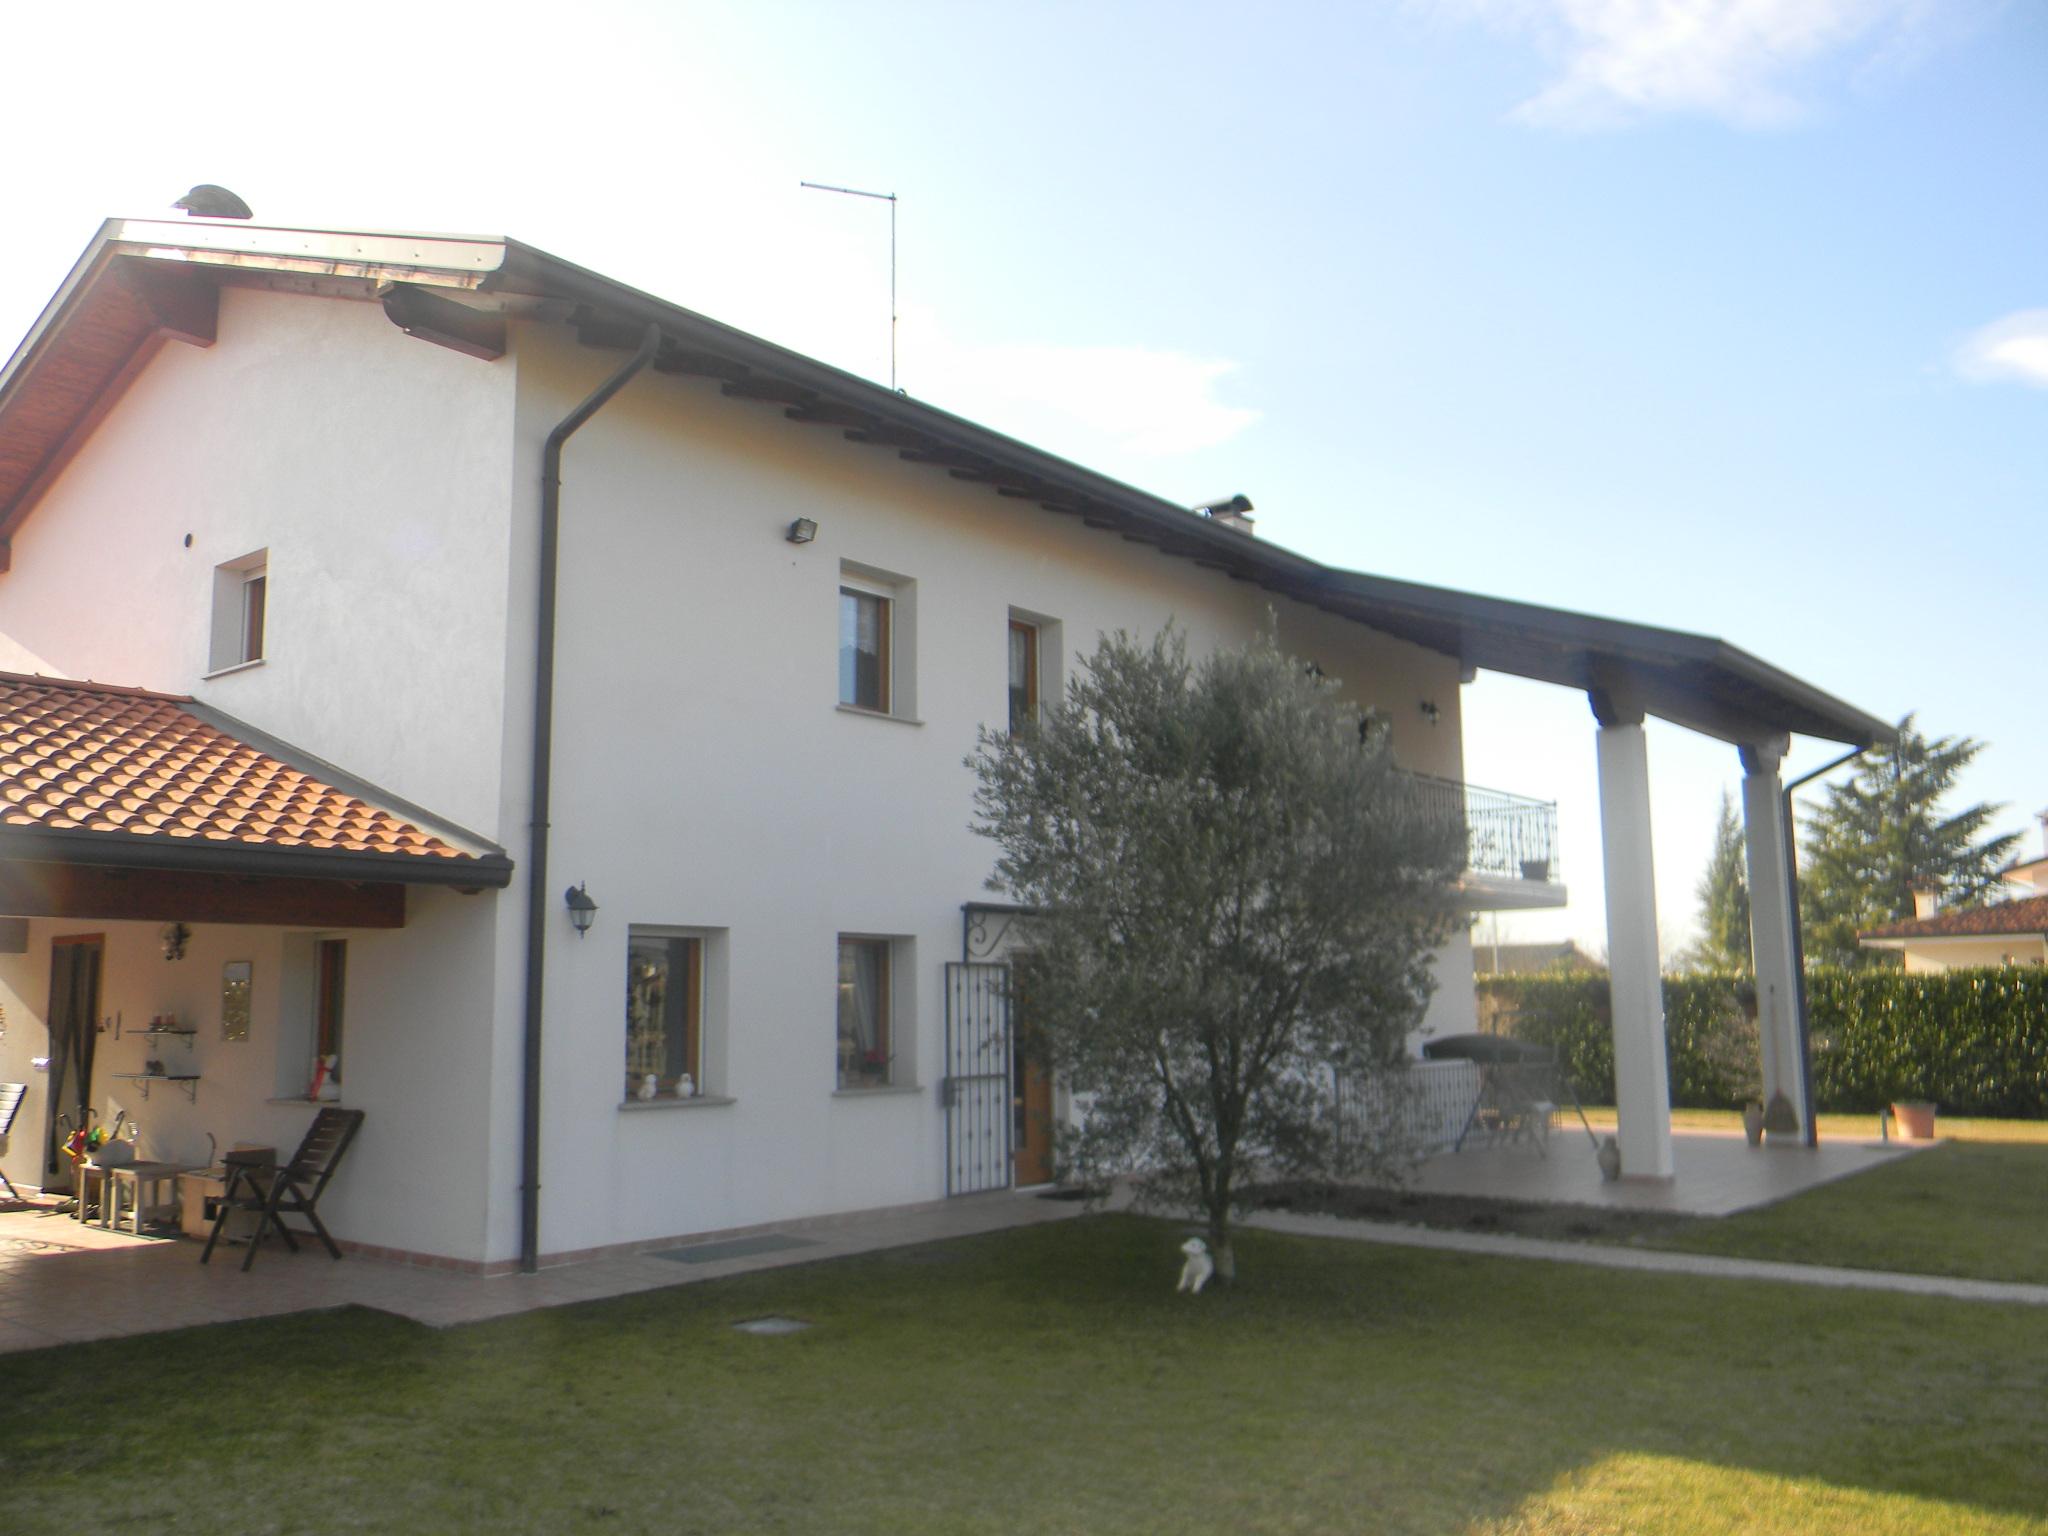 Casa singola con giardino arba 1019 for Piano terra con 3 camere da letto con dimensioni pdf